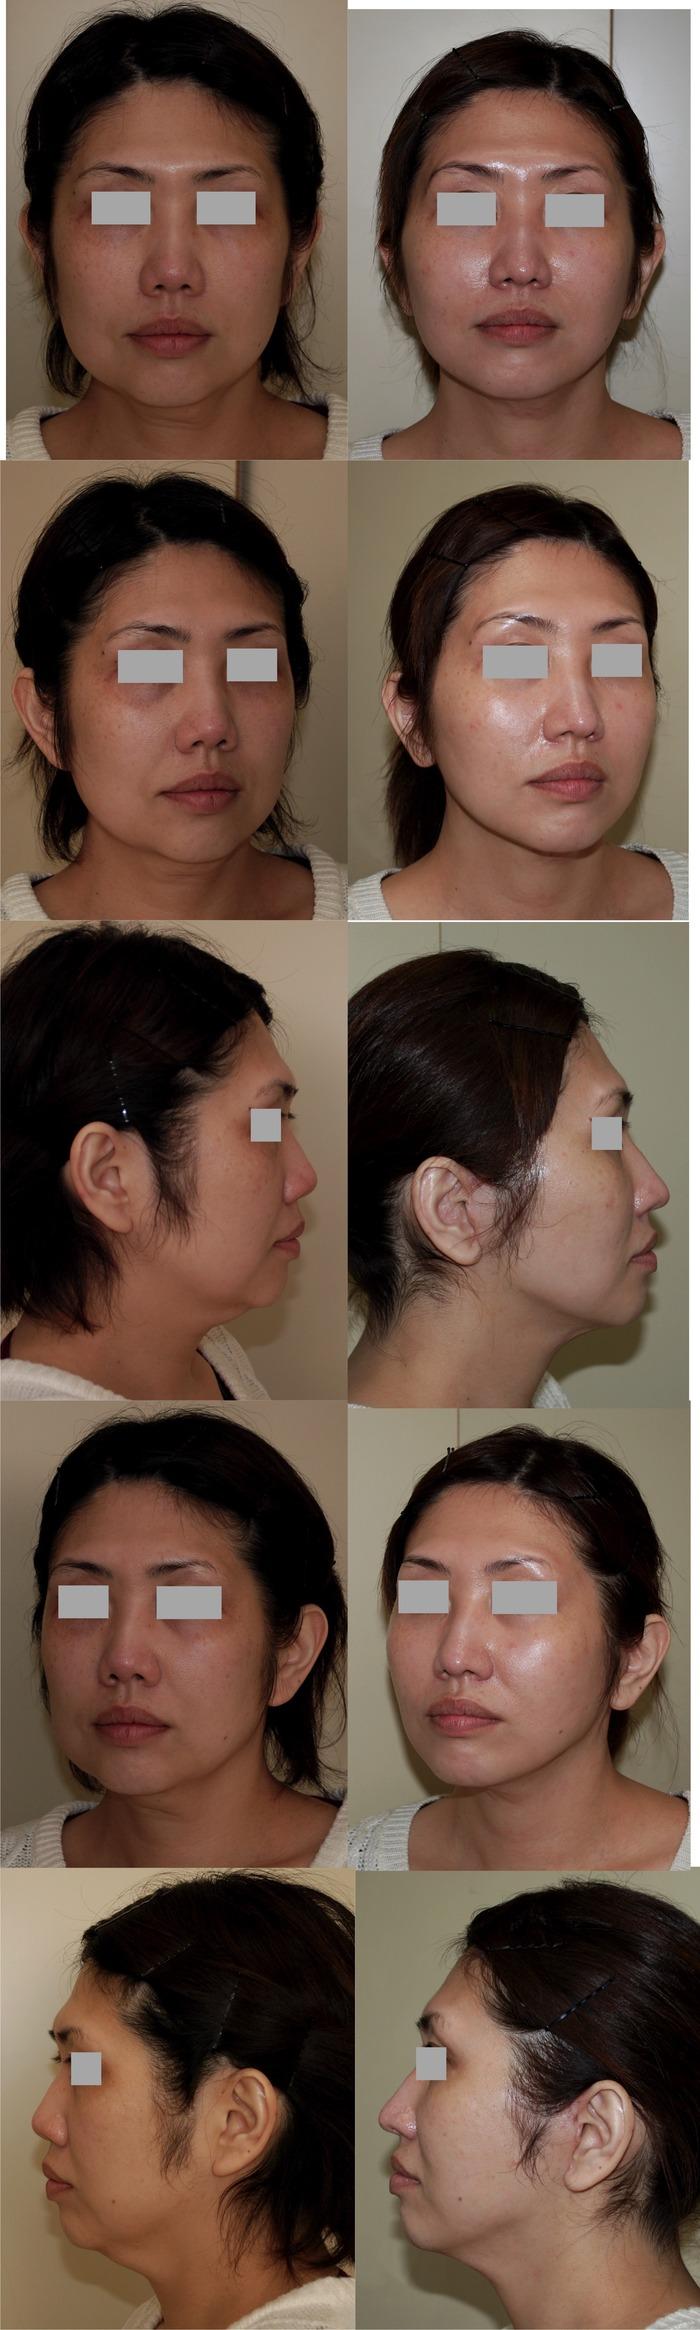 フェイスリフト フェイスライン脂肪吸引 鼻中隔延長術 6ヶ月